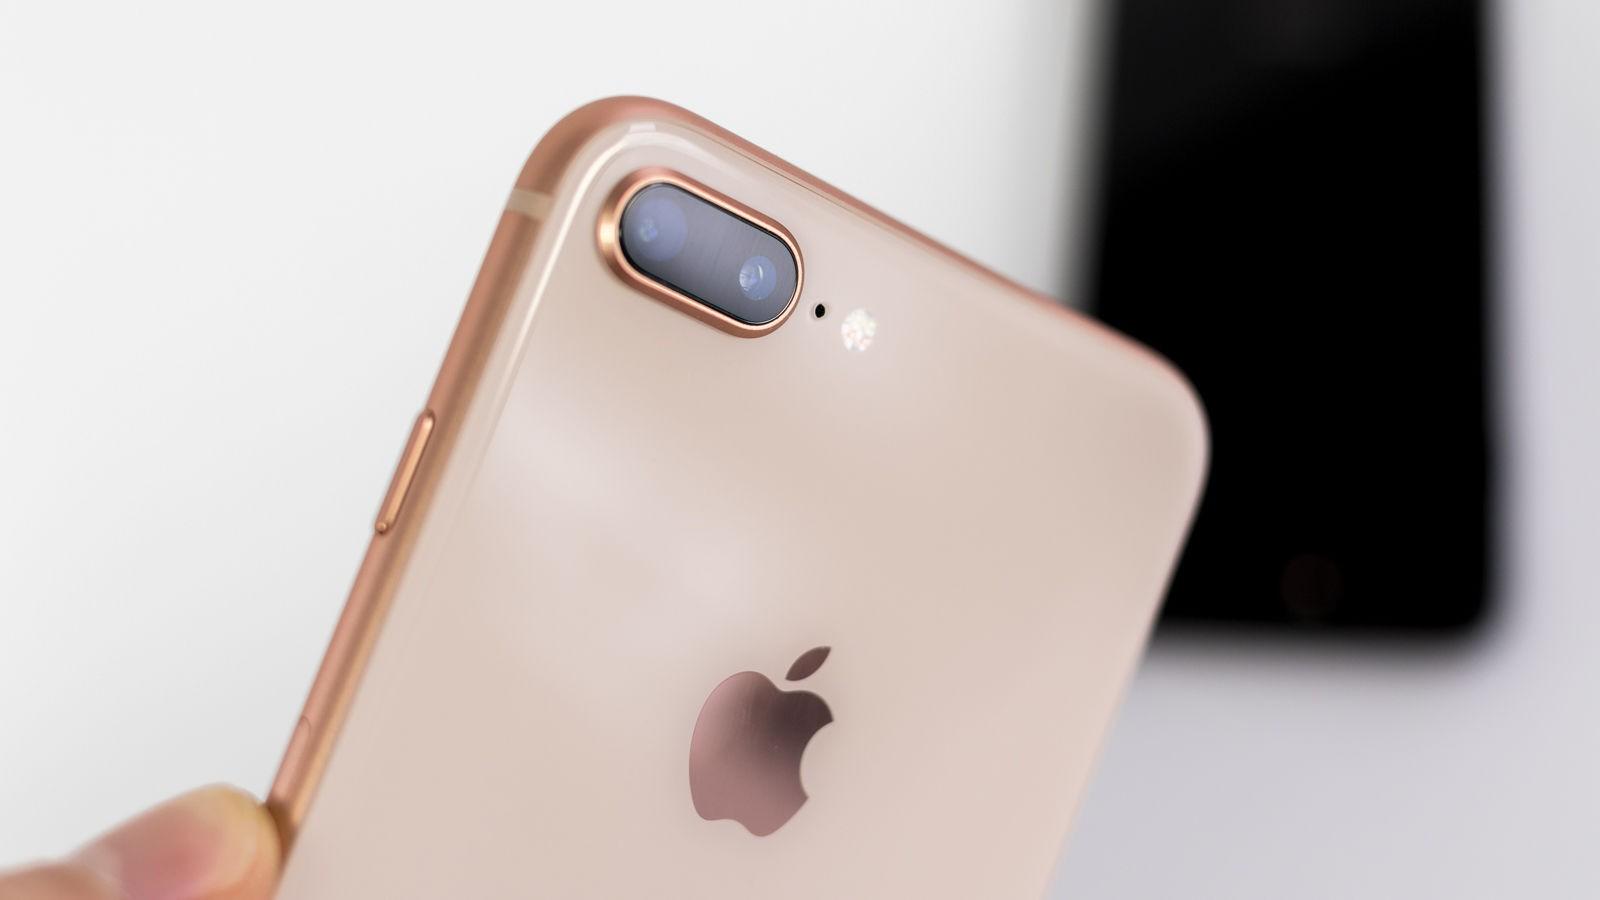 Apple bắt đầu bán iPhone 8 và 8 Plus Refurbished (tân trang), giá rẻ hơn 2,3 triệu đồng - Ảnh 1.